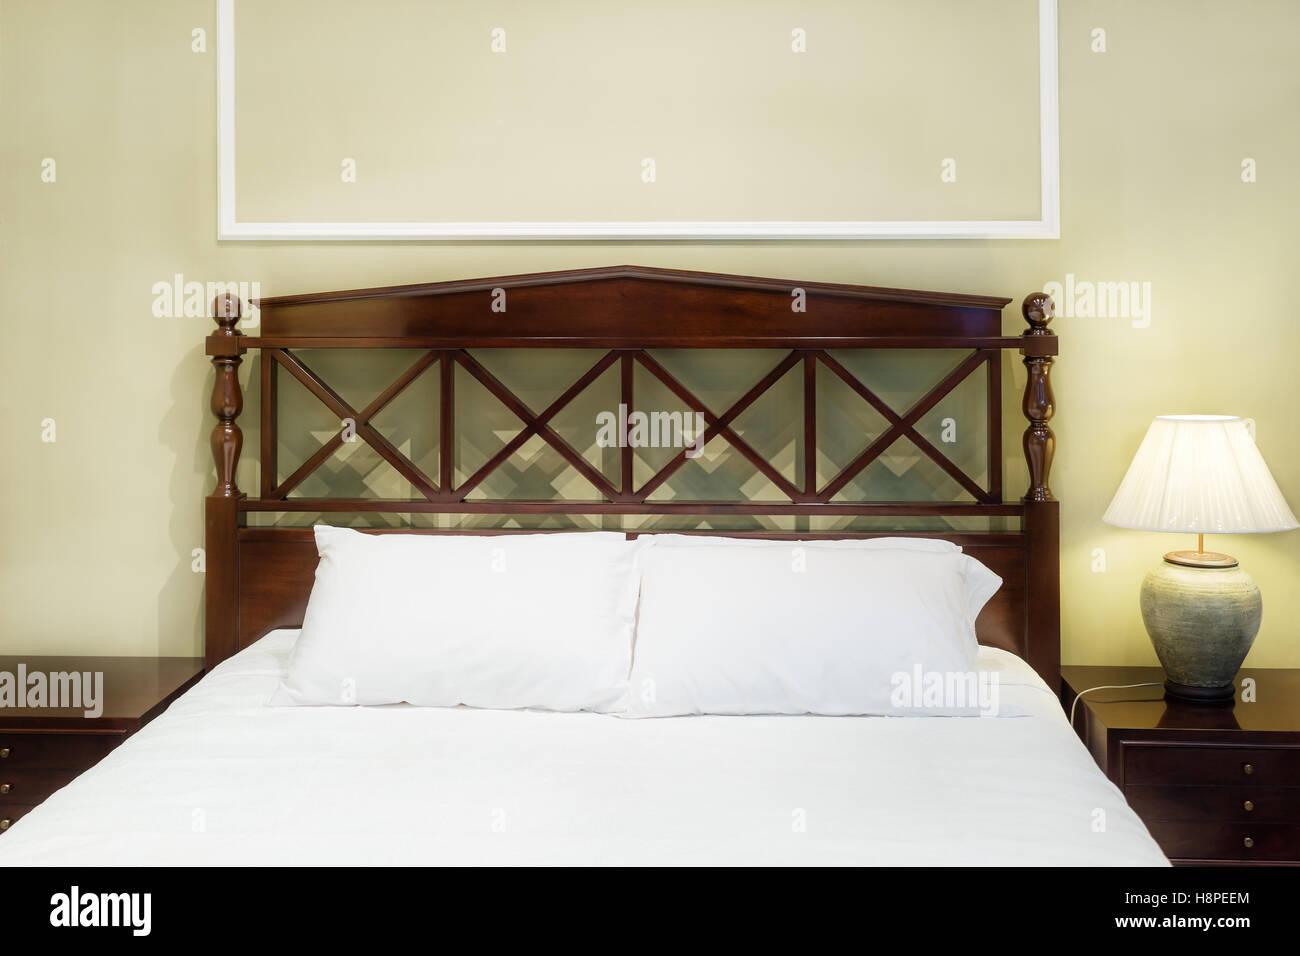 schlafzimmer innenraum mit bett und kissen fur gemutliches zuhause in modernem design vintage schlafzimmer